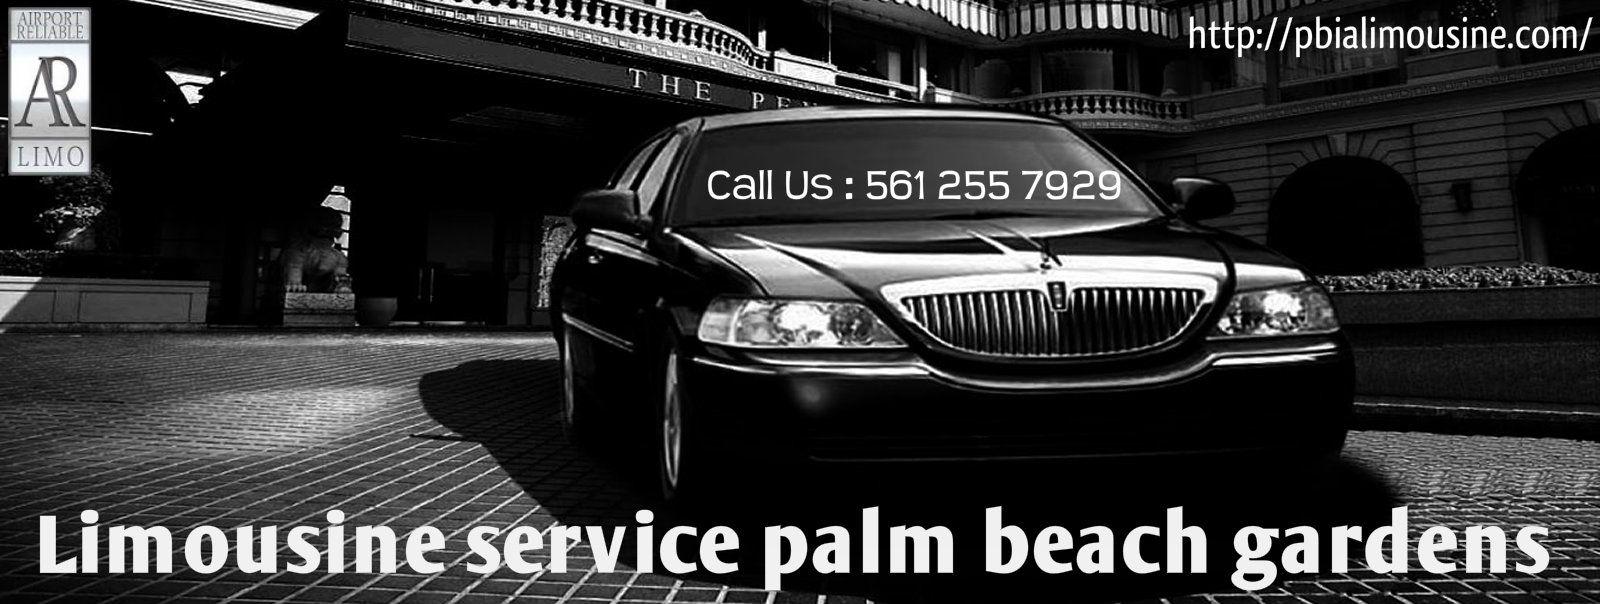 dbf3fdc71df2b984838f2352da41c174 - Airport Car Service Palm Beach Gardens Fl